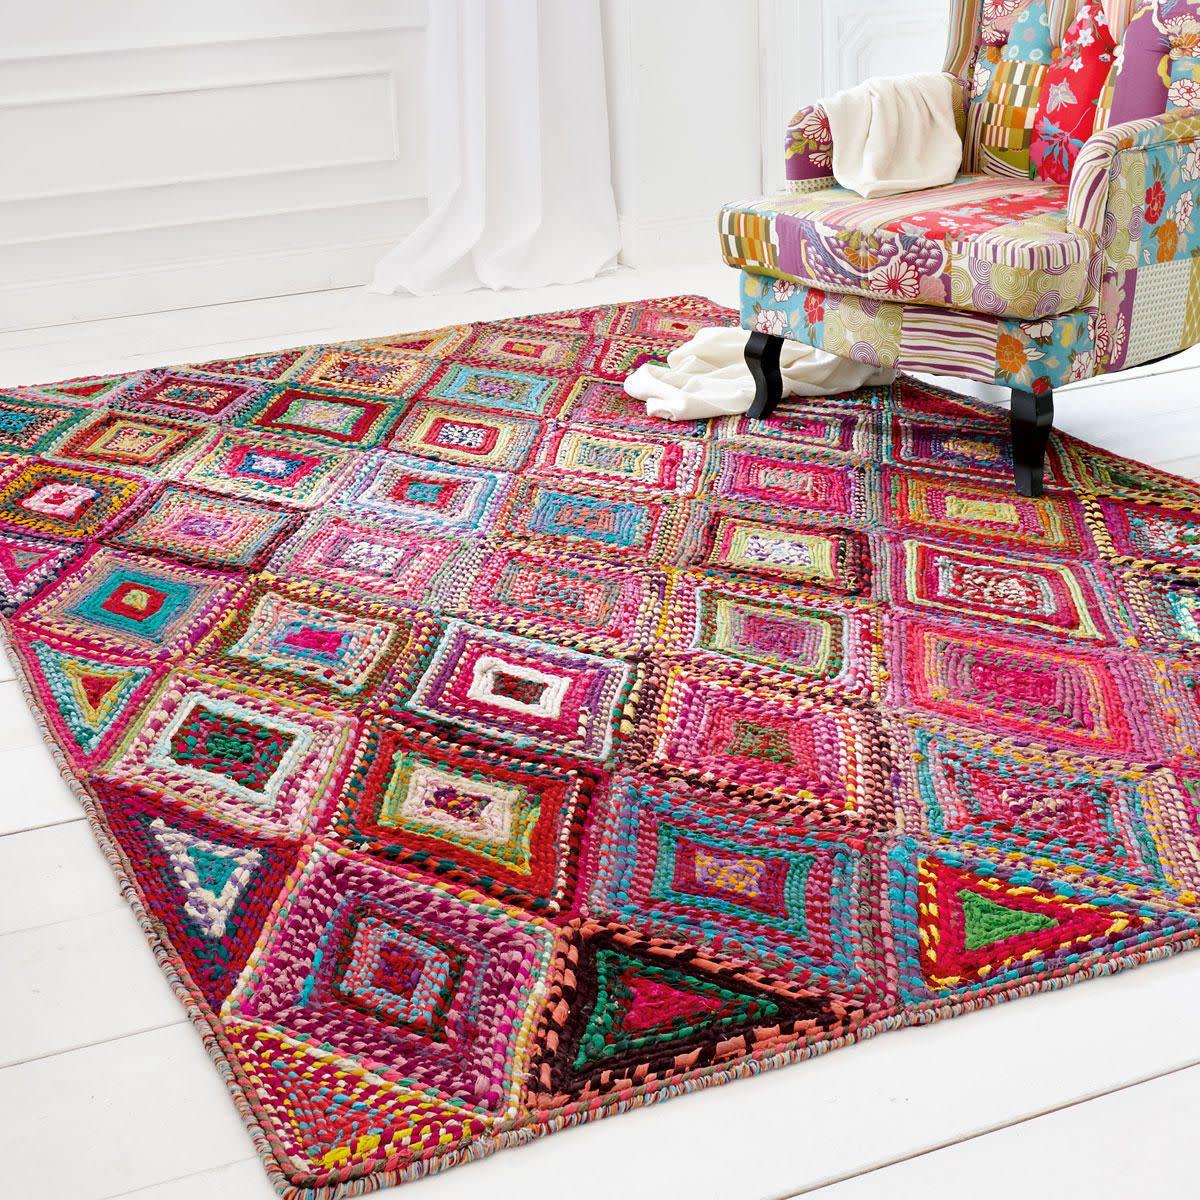 Teppich rund 180 cm  Teppiche Günstig Kaufen: Teppich gabbeh adali 1857 rot günstig ...